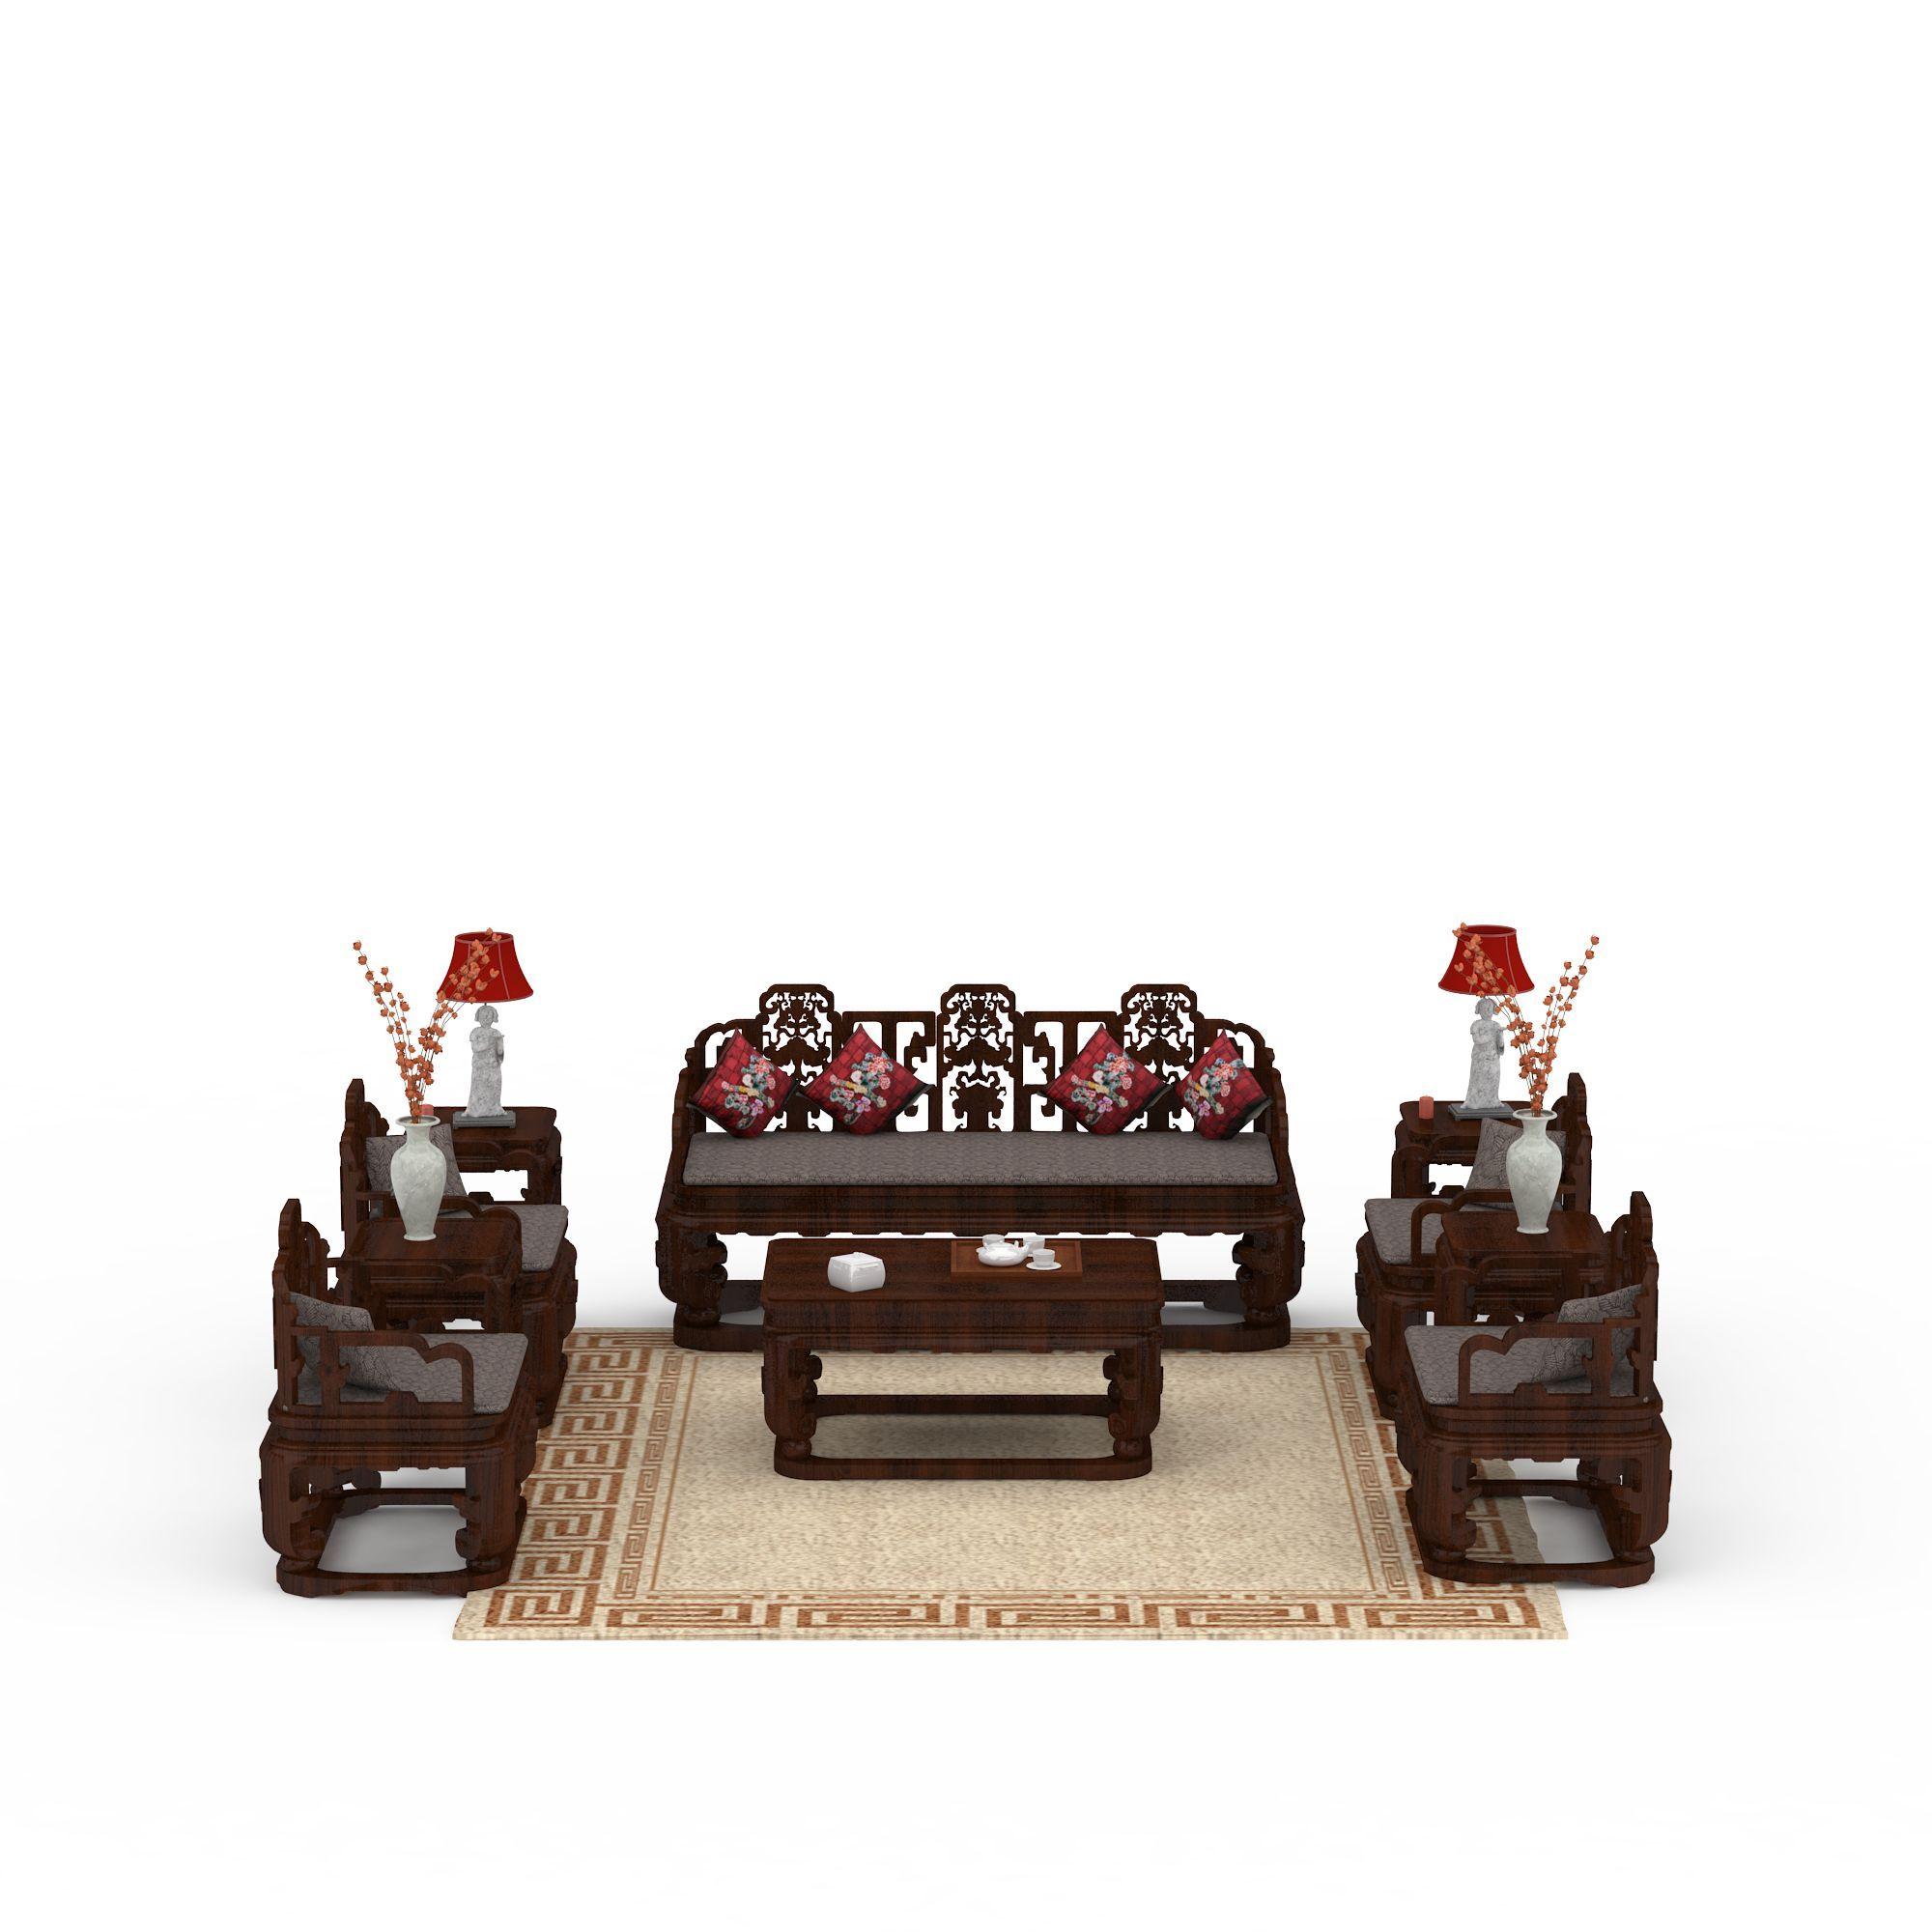 中式沙发图片_中式沙发png图片素材_中式沙发png高清